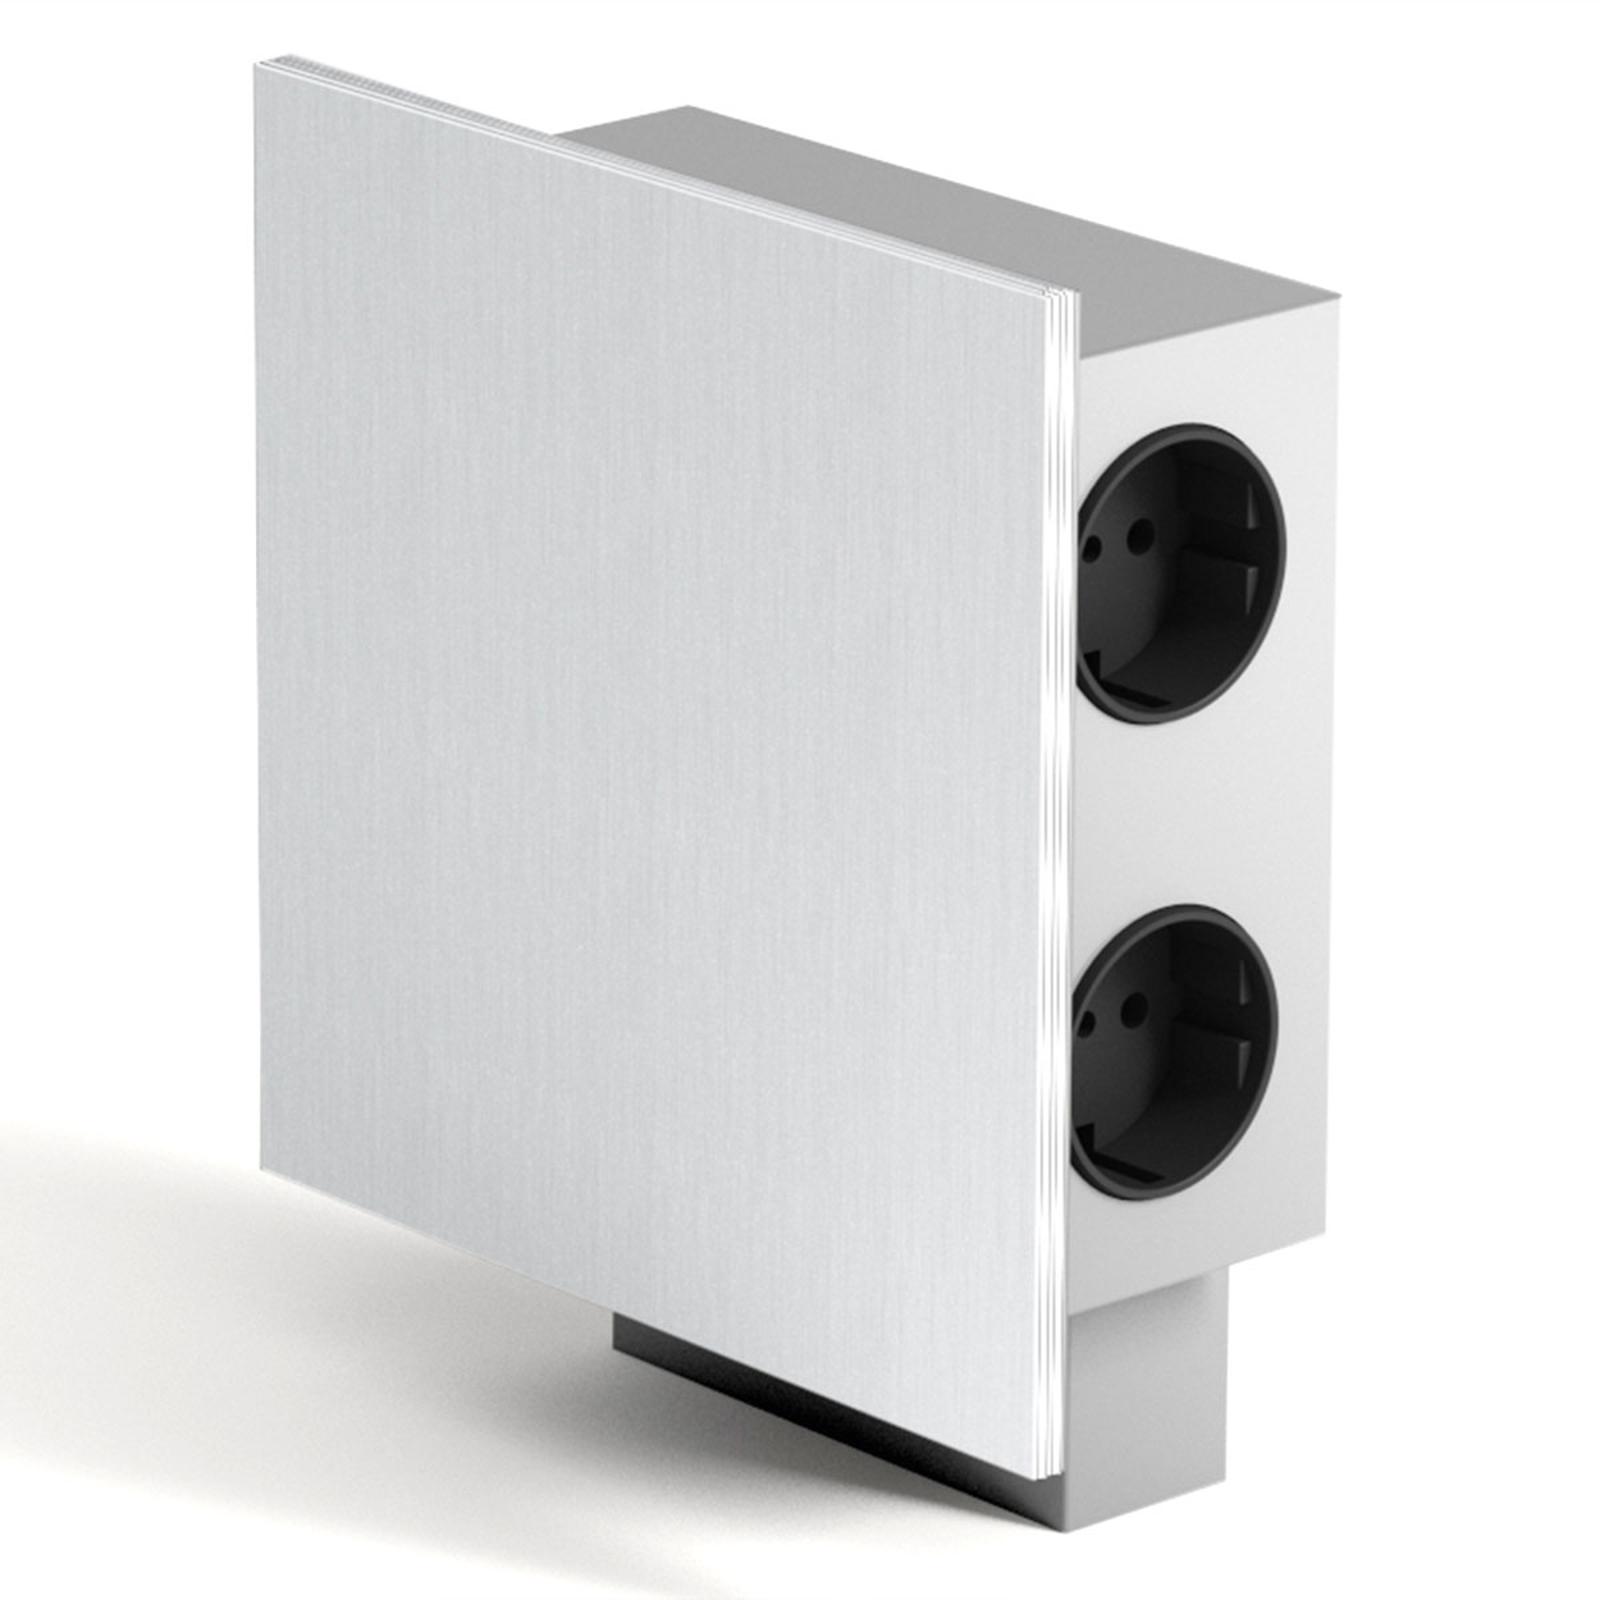 Energiebox Power mit 3 Steckdosen u. 2 USB-Buchsen